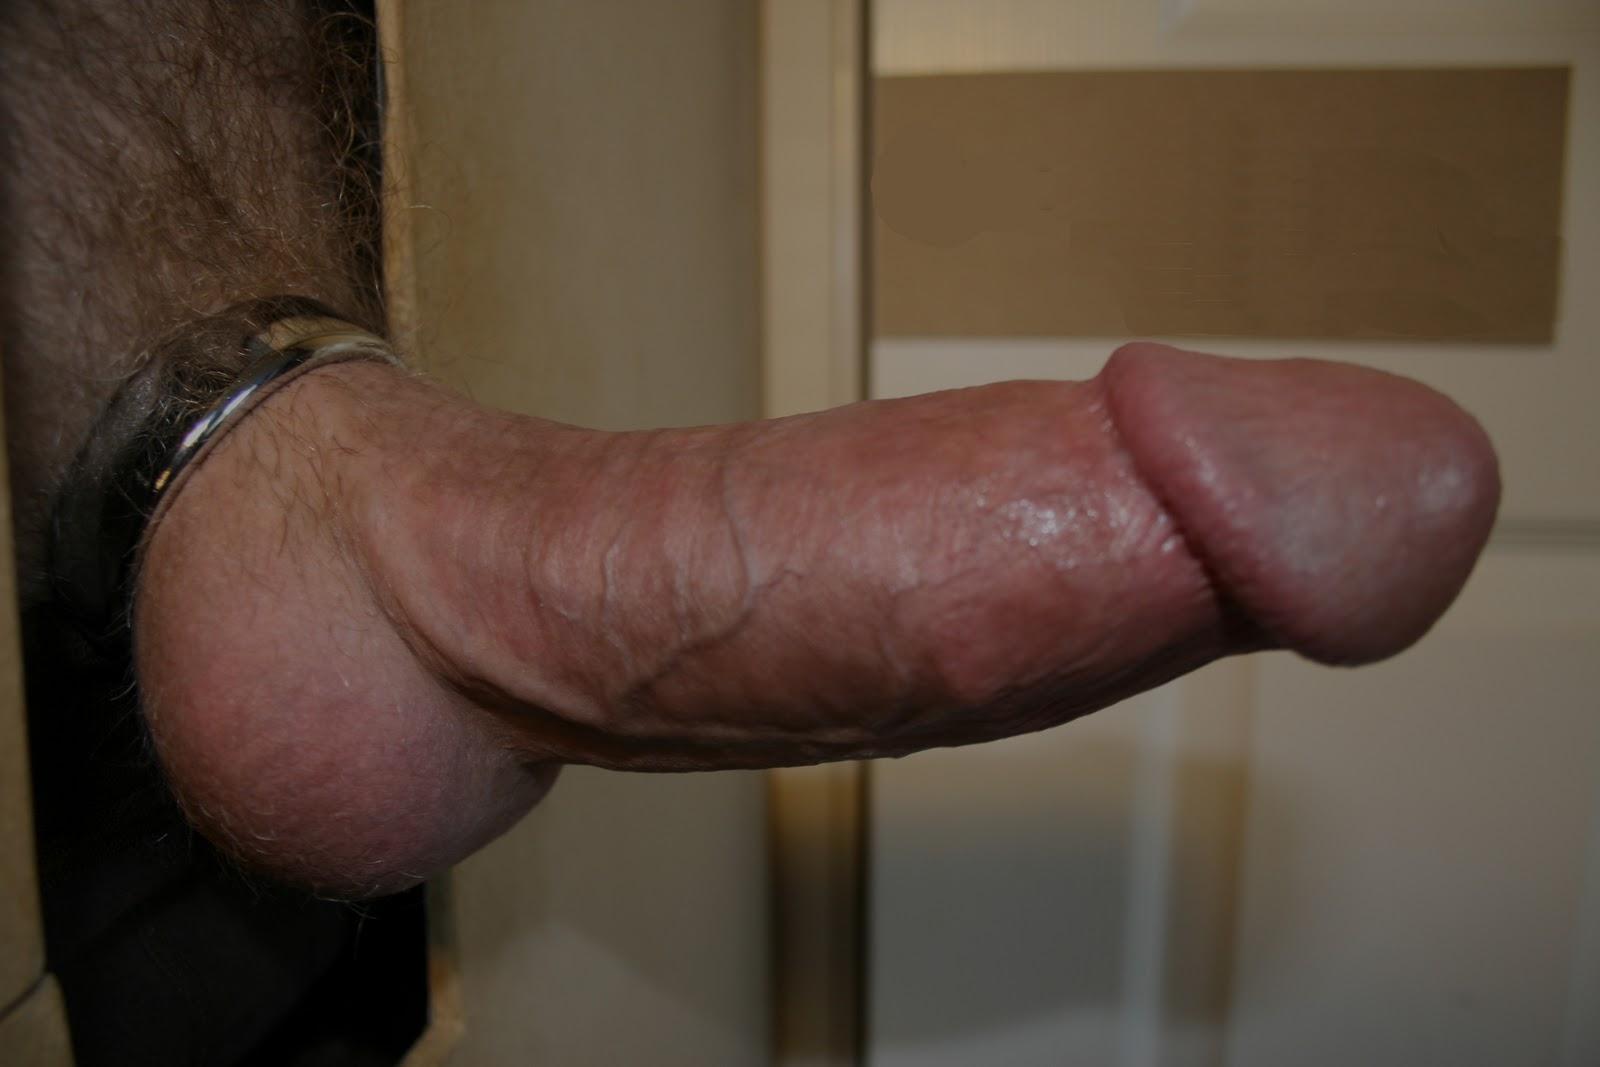 Big dick wallpaper